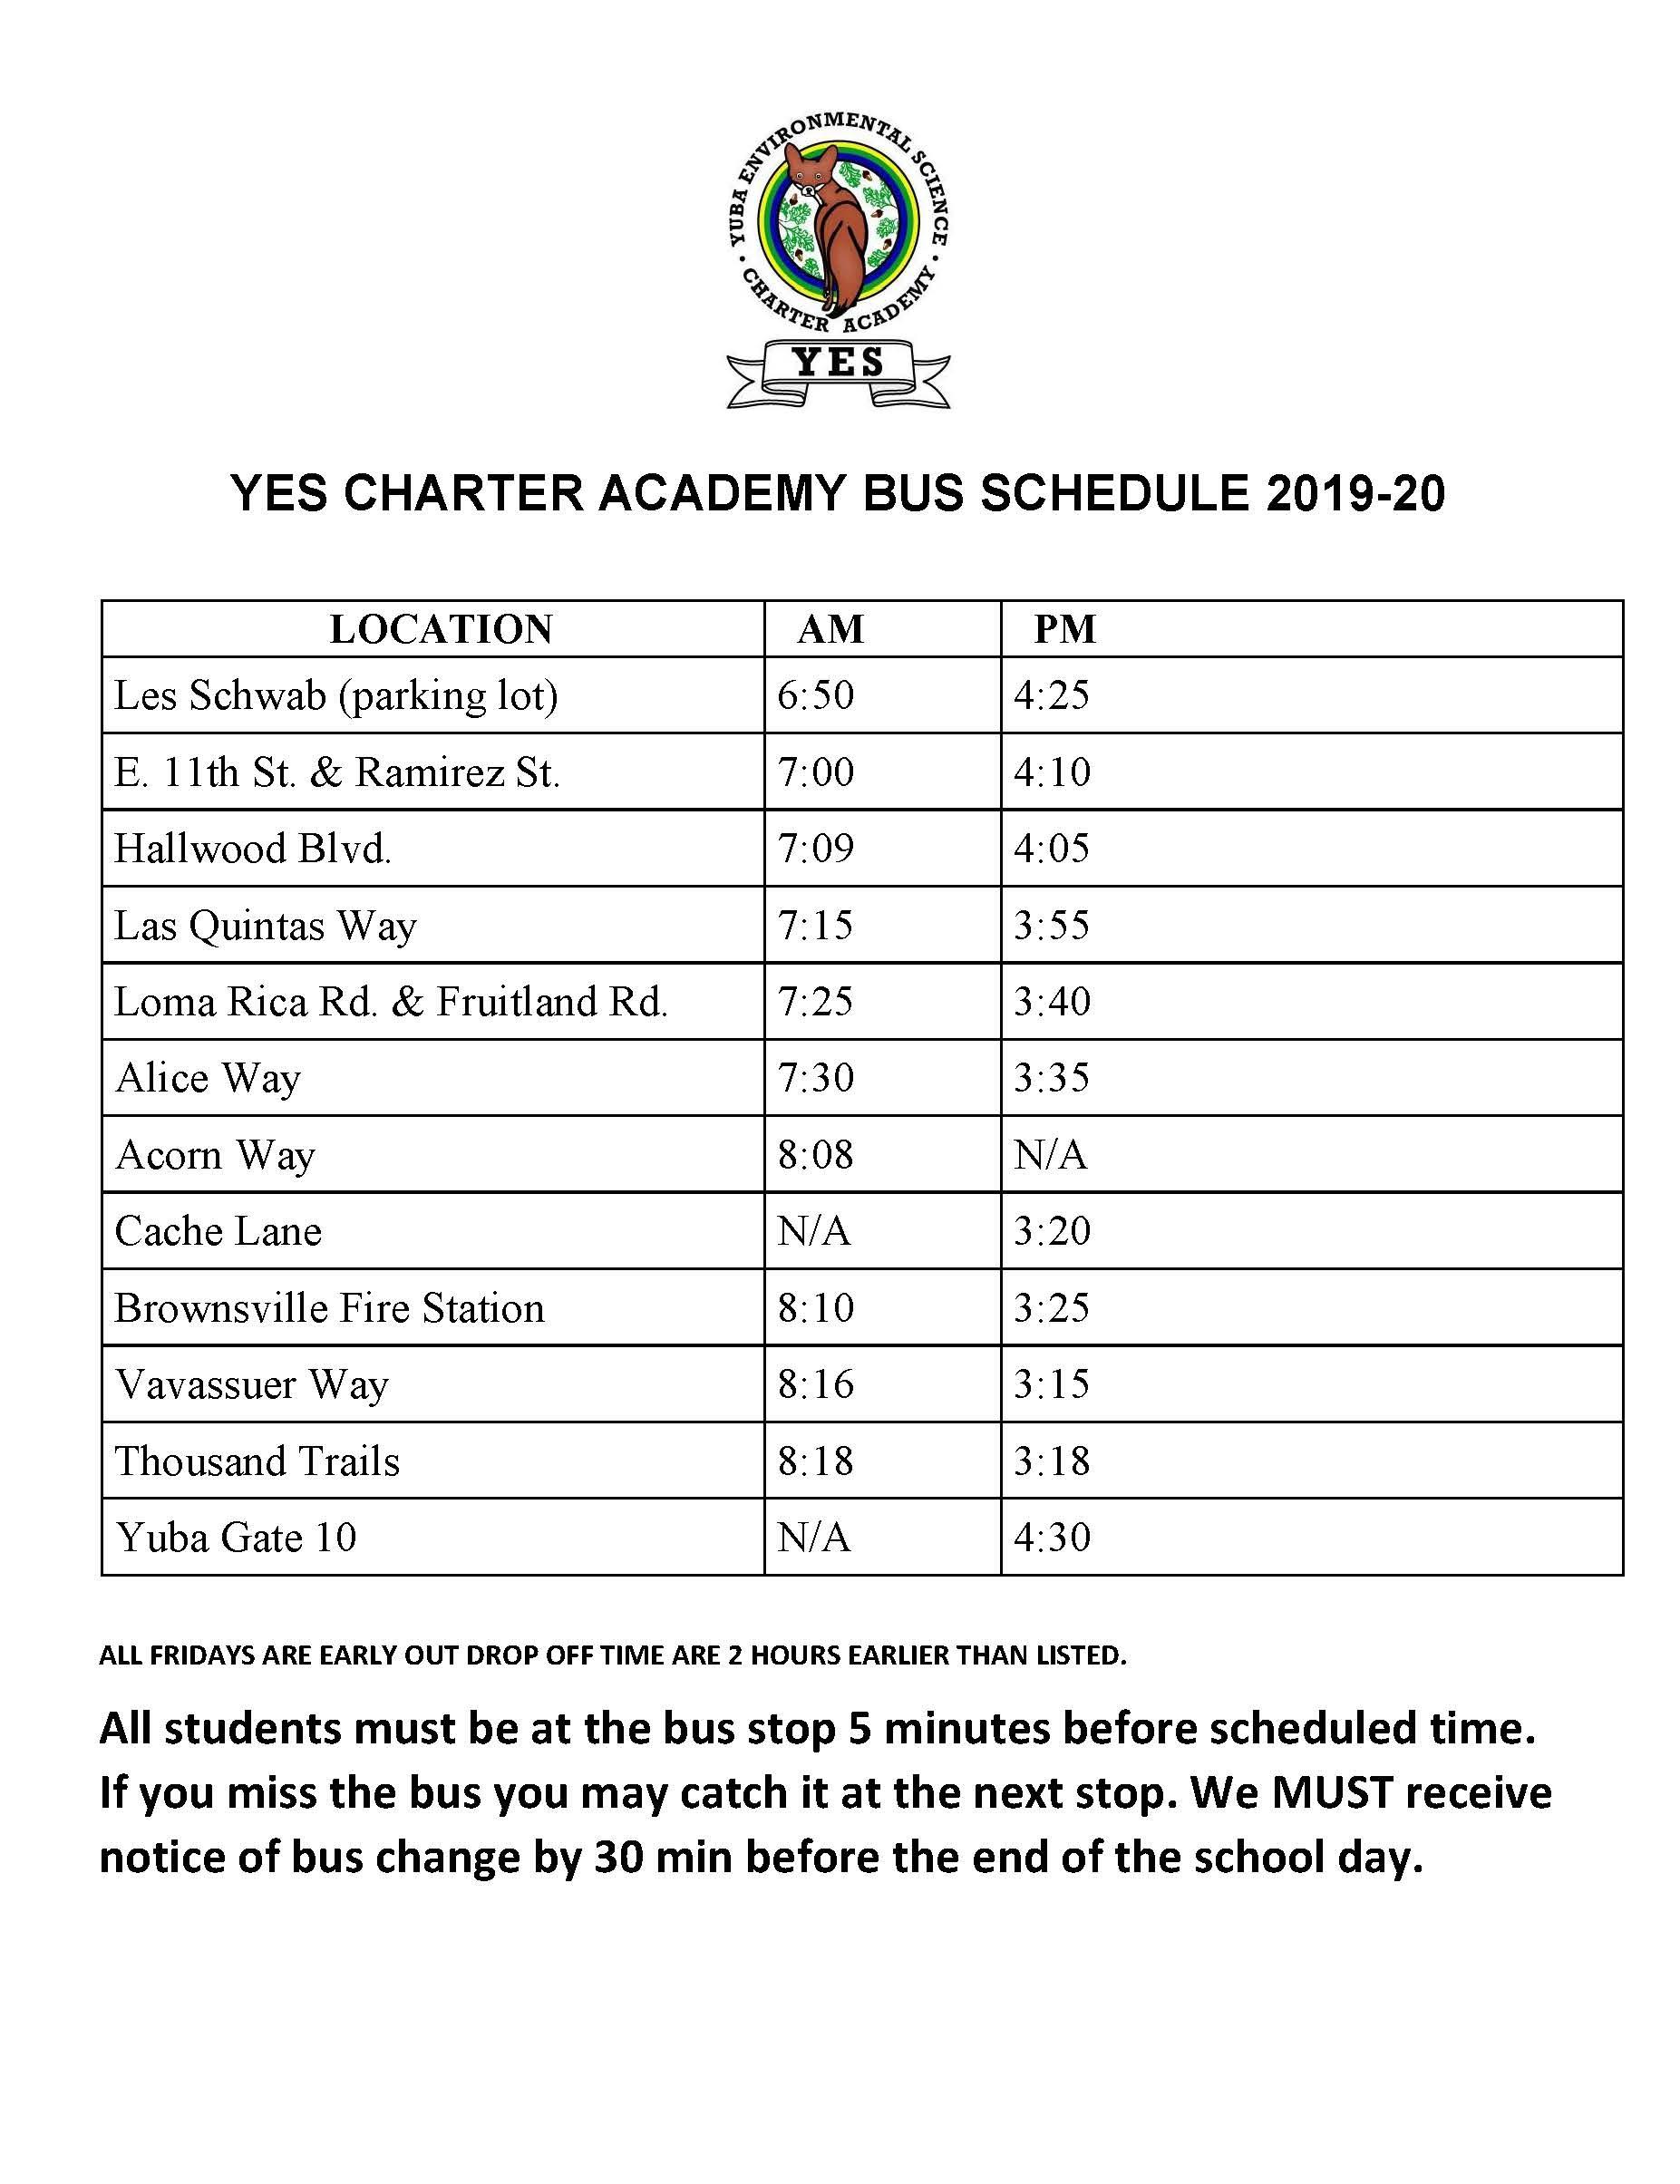 2019/2020 Transportation Schedule